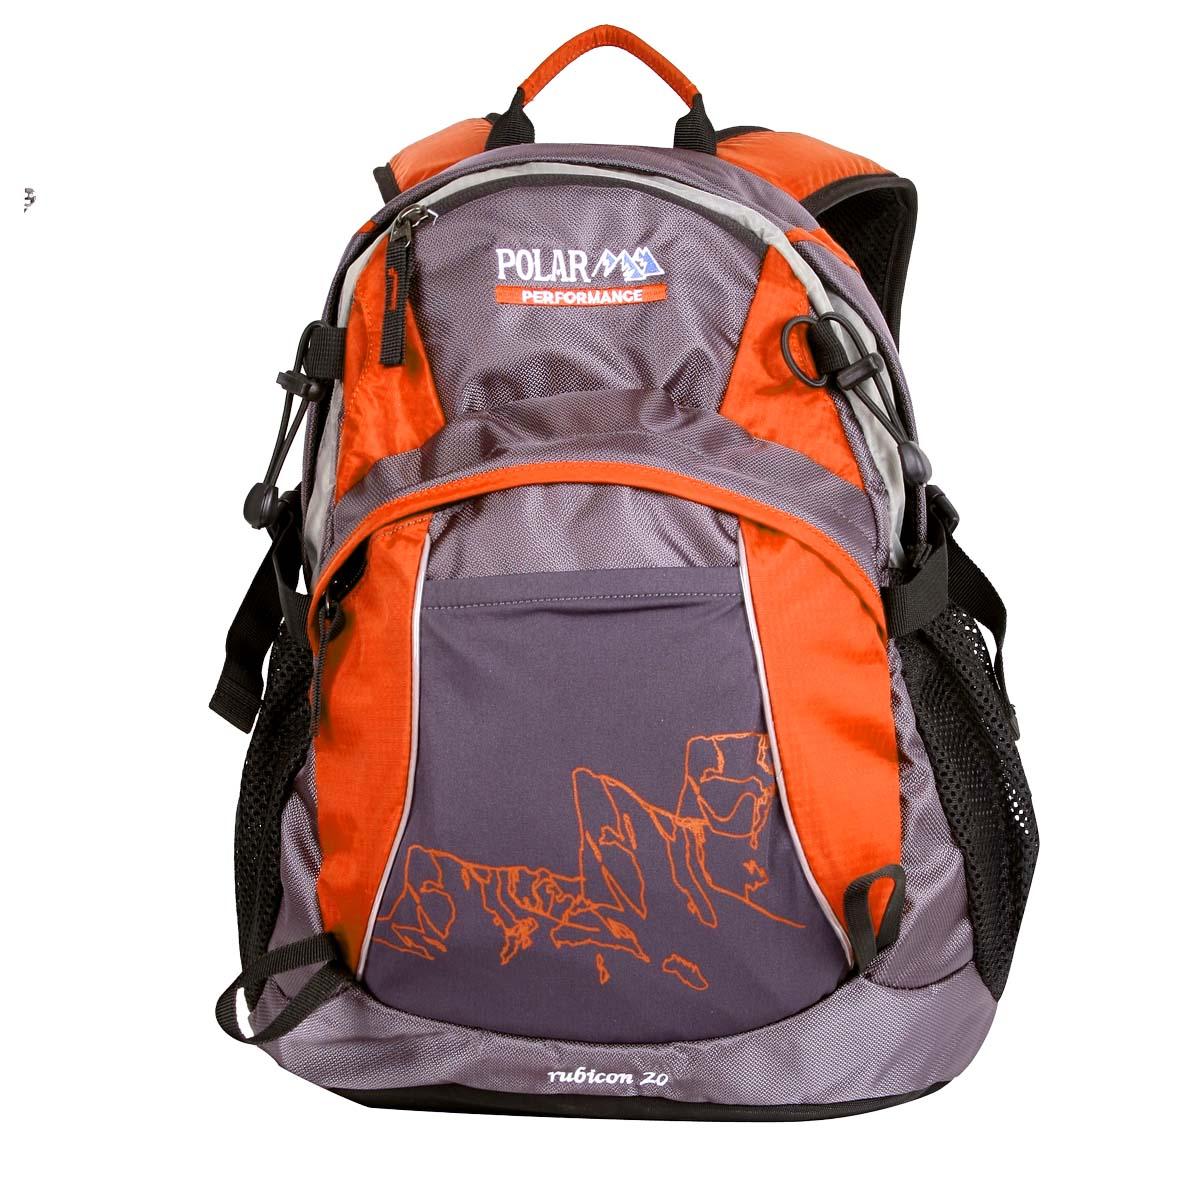 Рюкзак городской Polar, цвет: оранжевый, 21,5 л. П1563-02 рюкзак polar polar po001burvn31